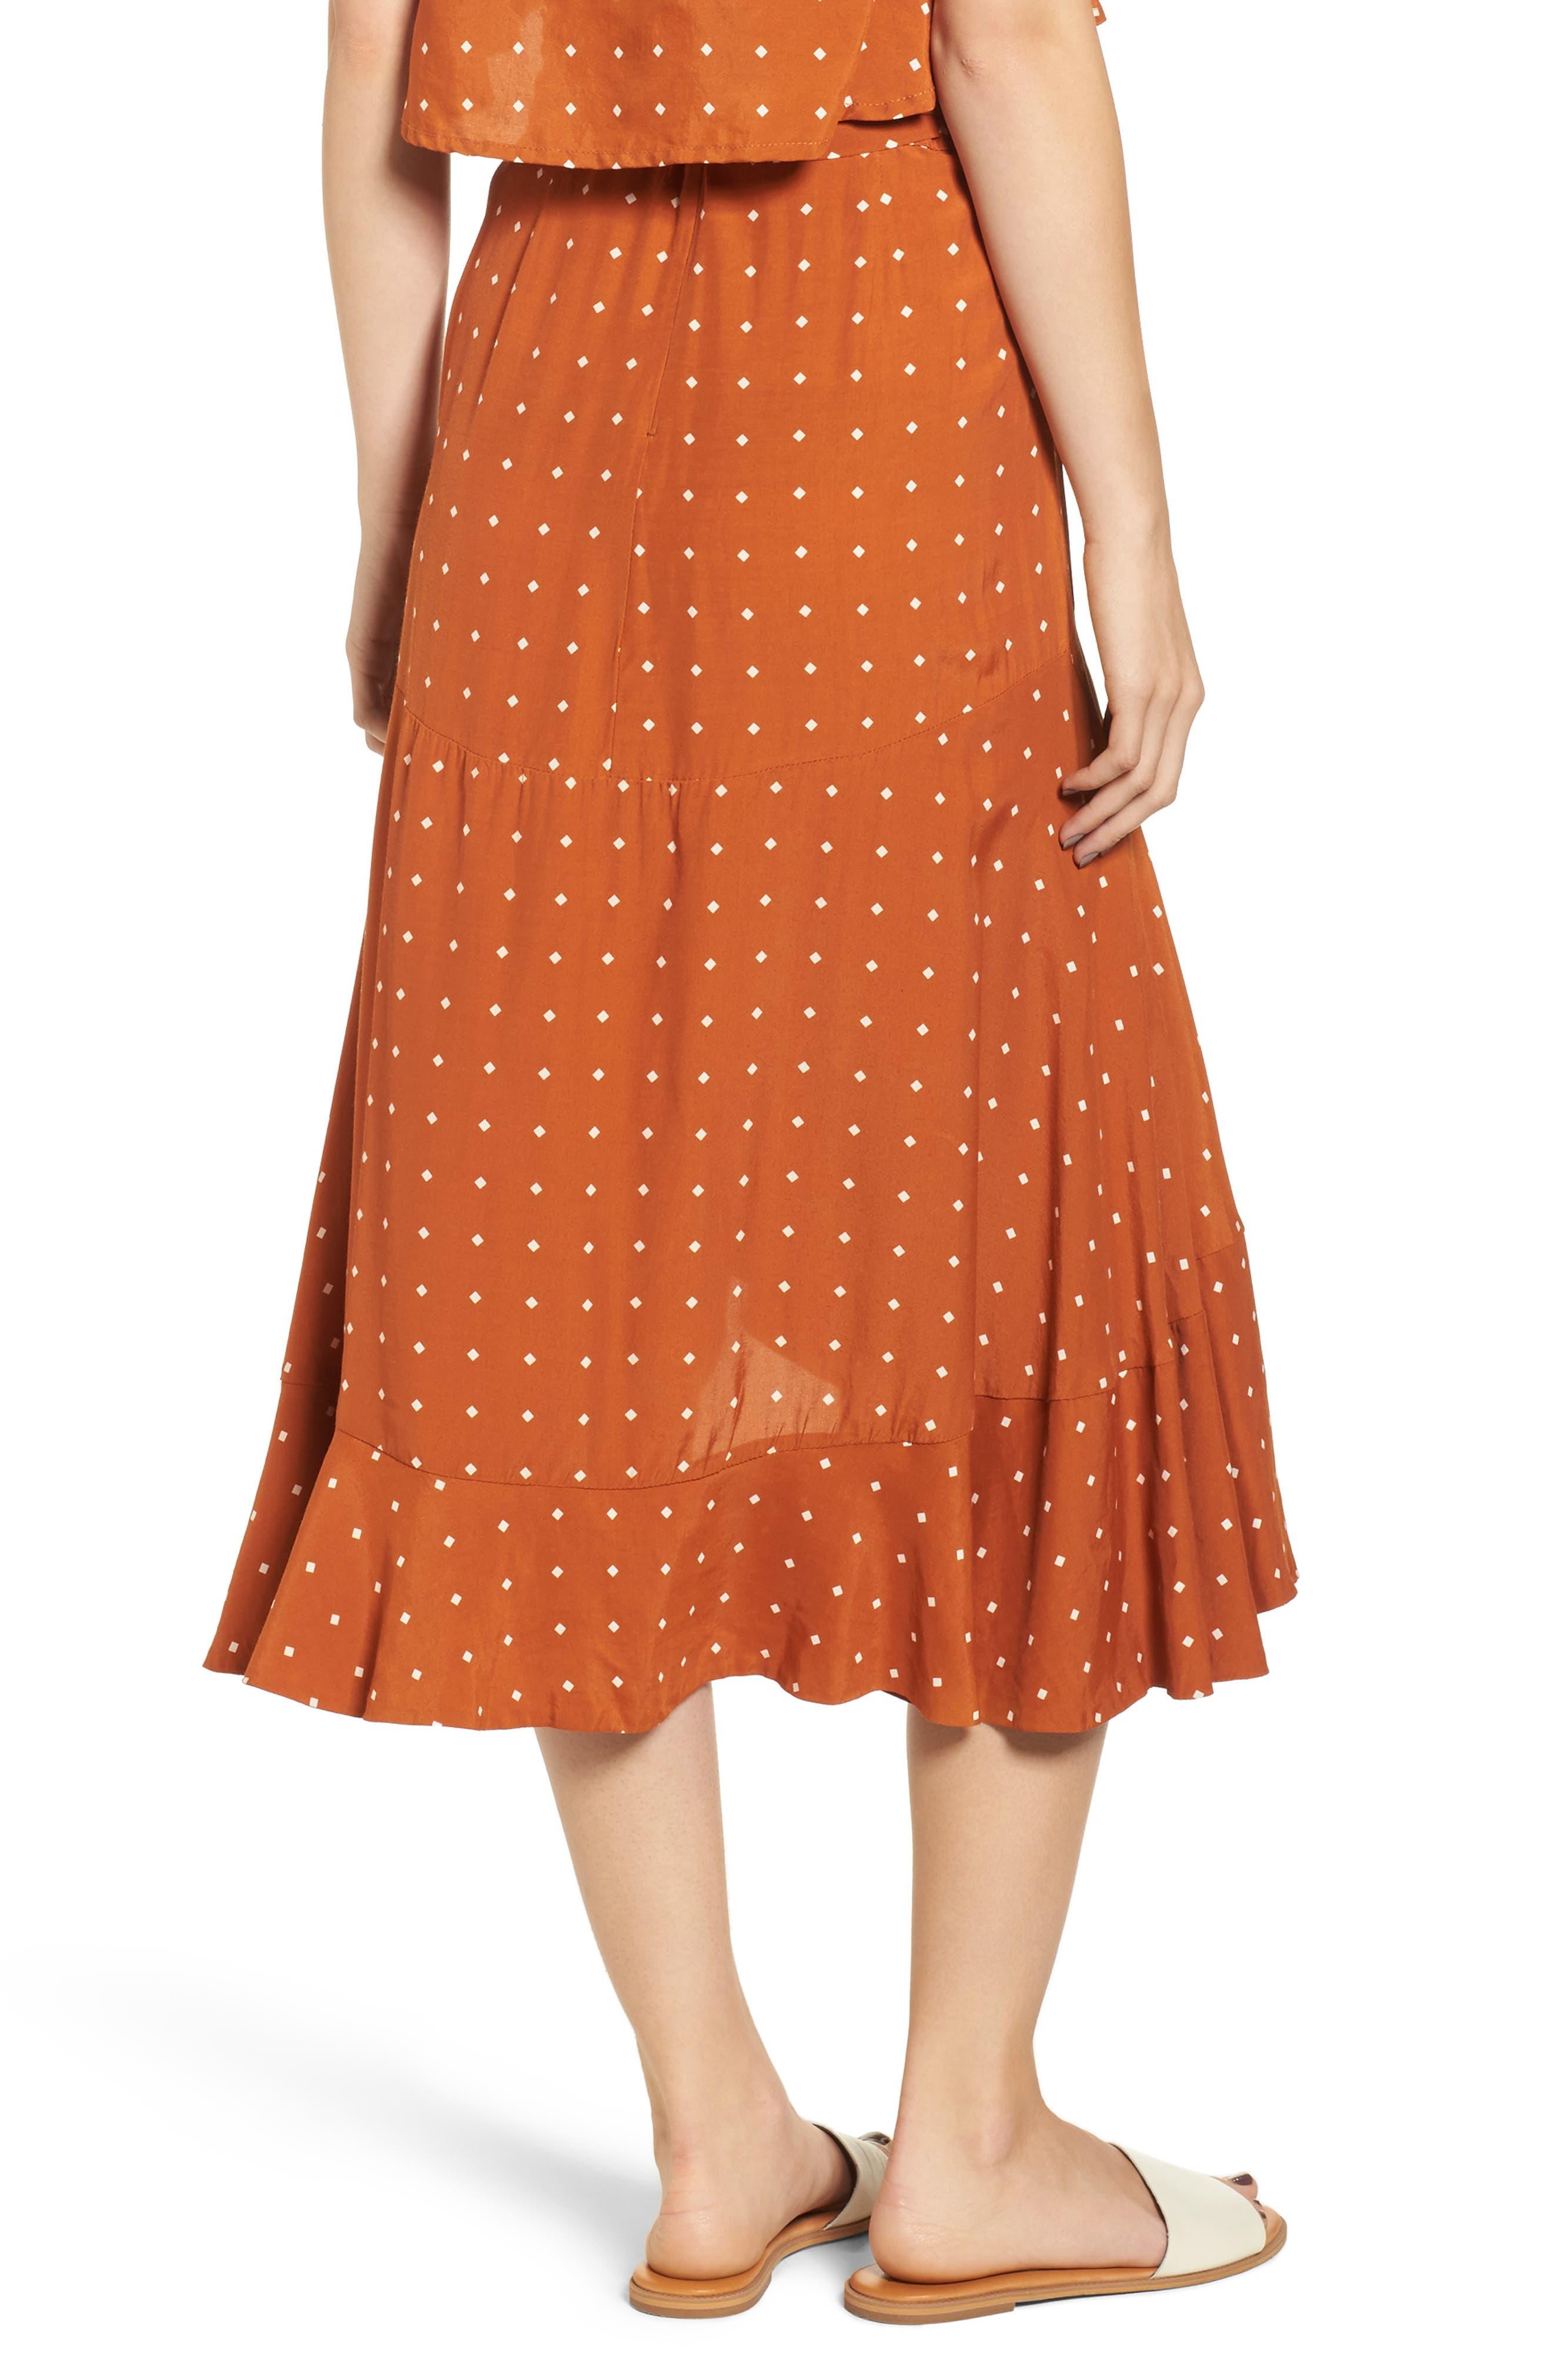 FAITHFULL THE BRAND,                             Kamares Polka Dot Midi Skirt,                             Alternate thumbnail 2, color,                             700